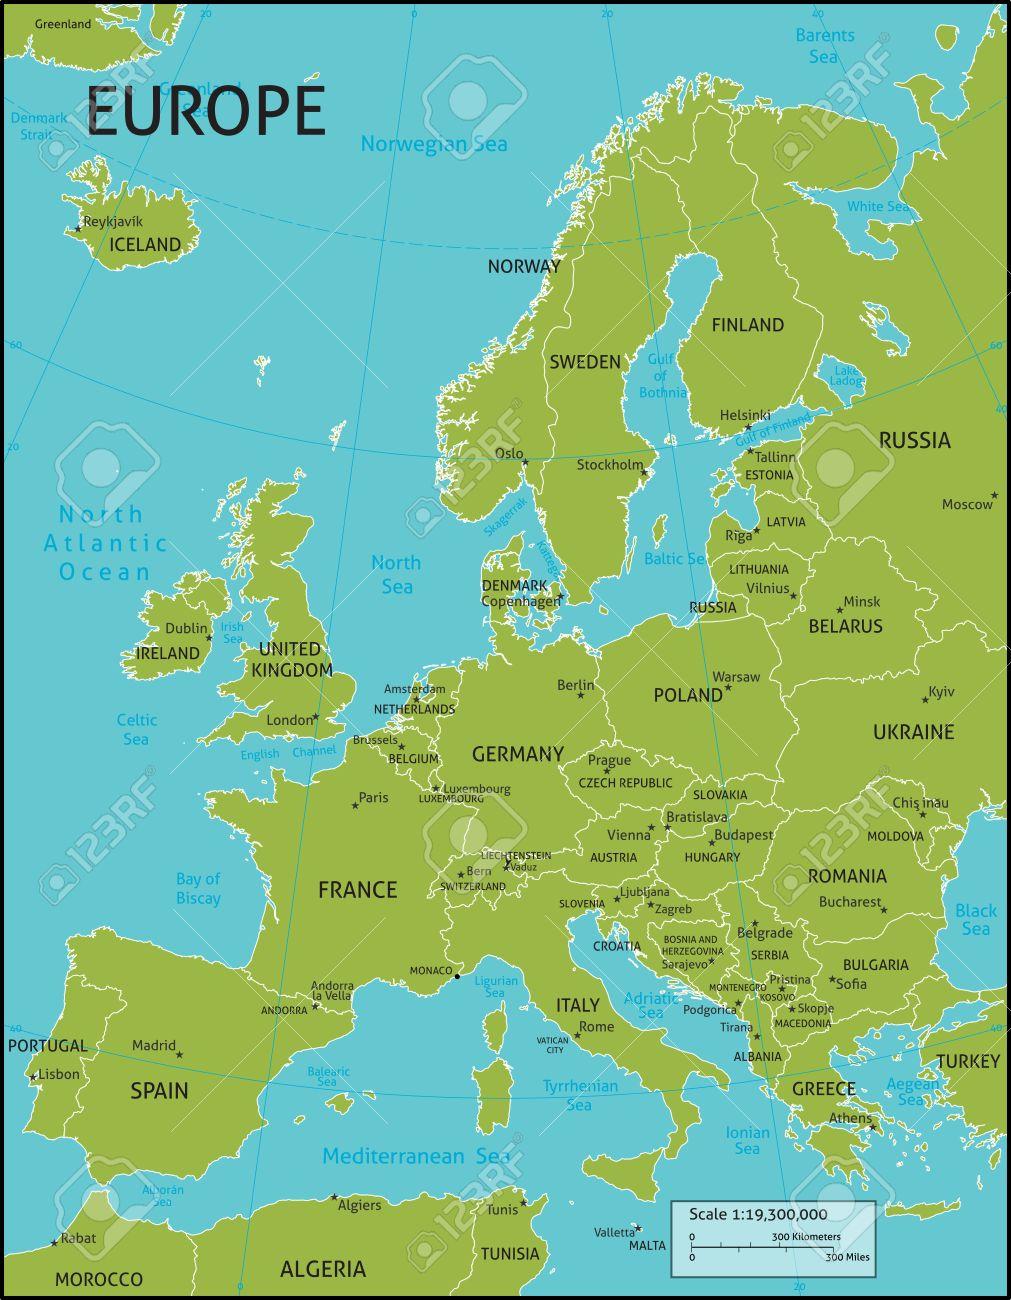 Une Carte De L'europe Avec Tous Les Noms De Pays, Et Les Capitales De Pays.  Organisé Dans La Version De Vecteur Dans Facile D'utiliser Des Couches. concernant Carte Europe Capitale